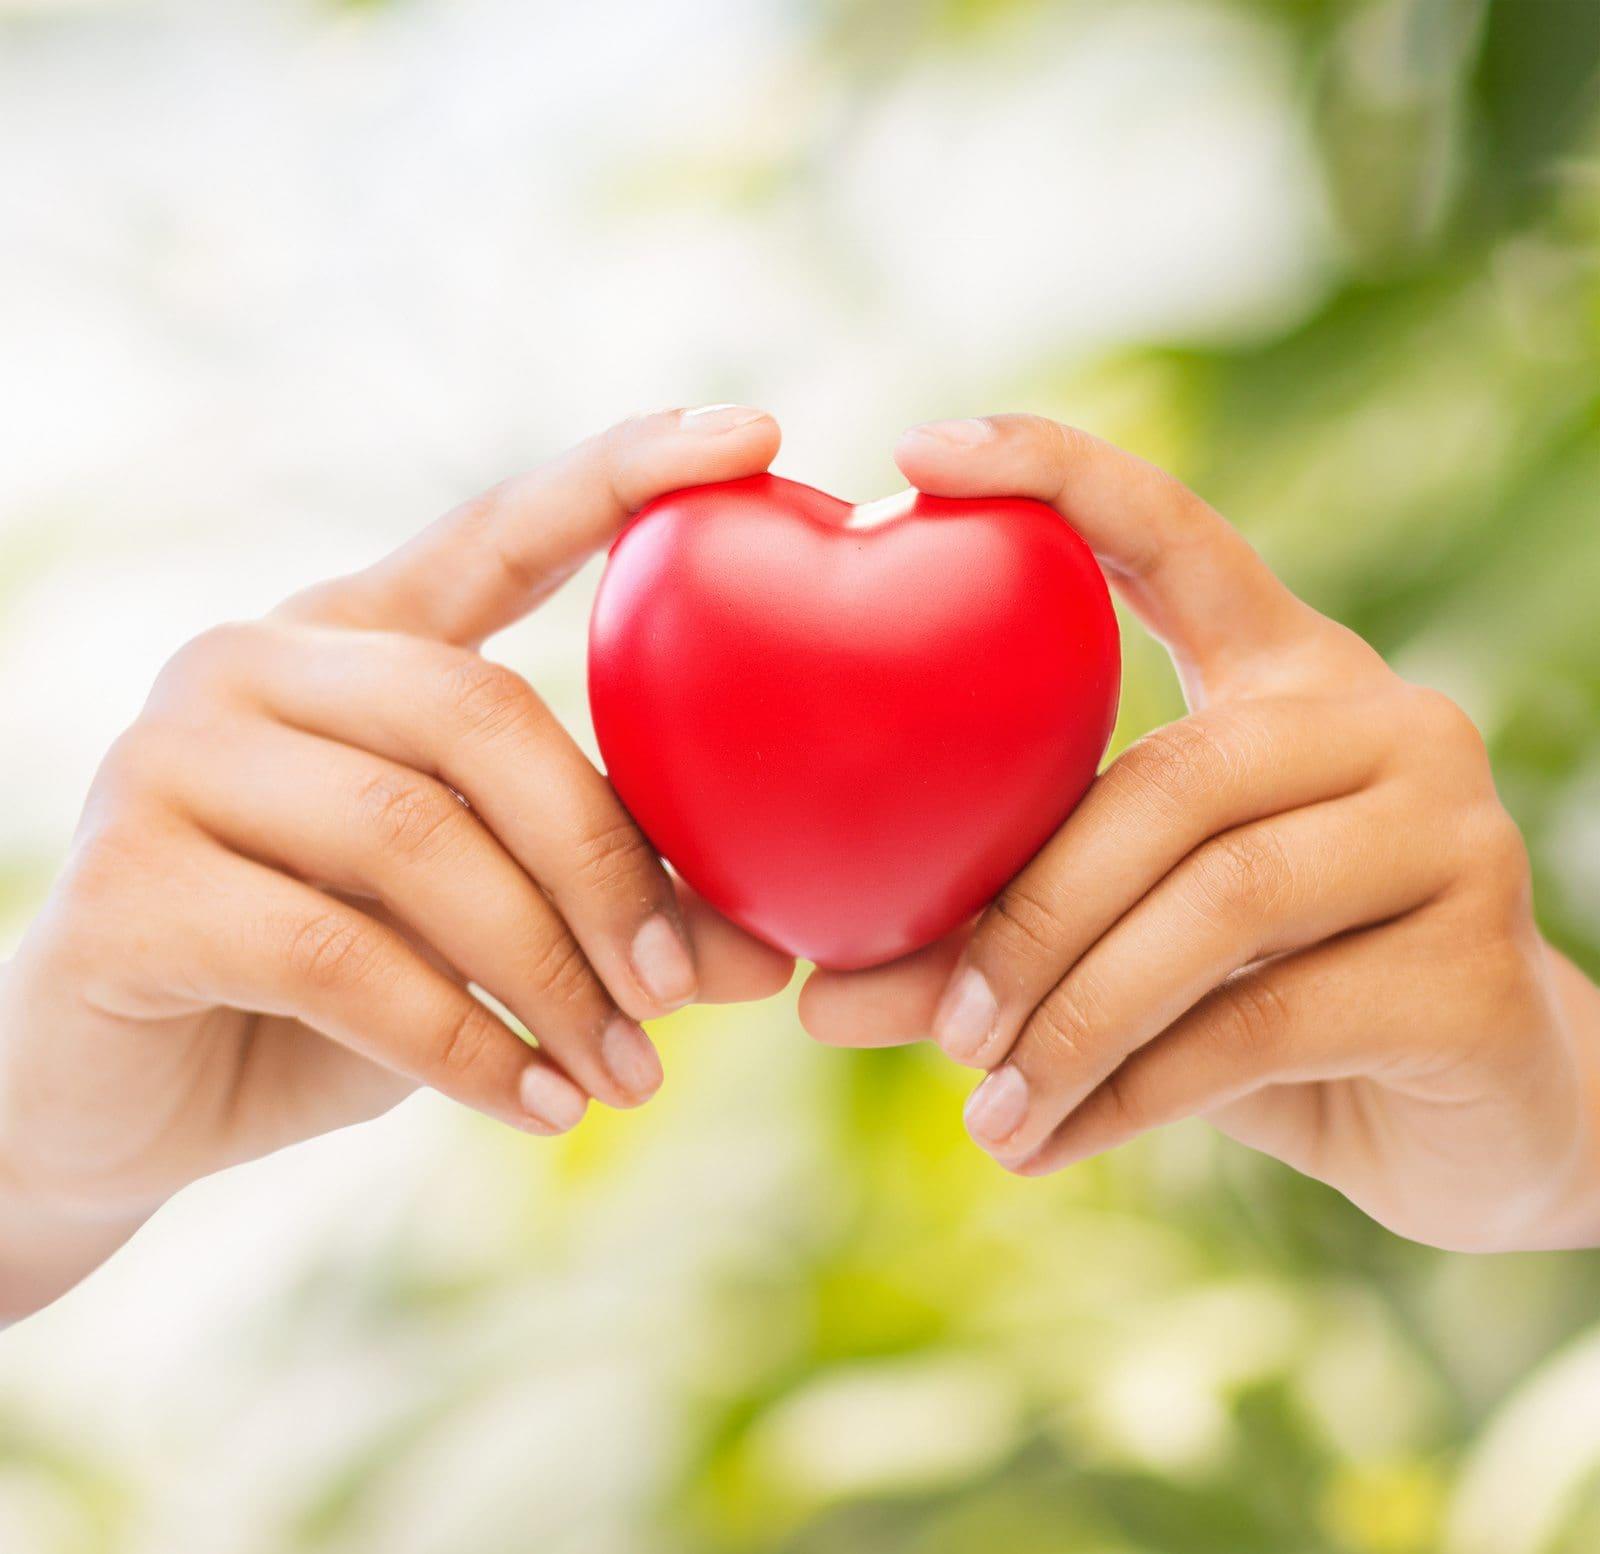 Perché dopo l'infarto ho una disfunzione erettile? - Dopo un infarto mi - exhale.lt